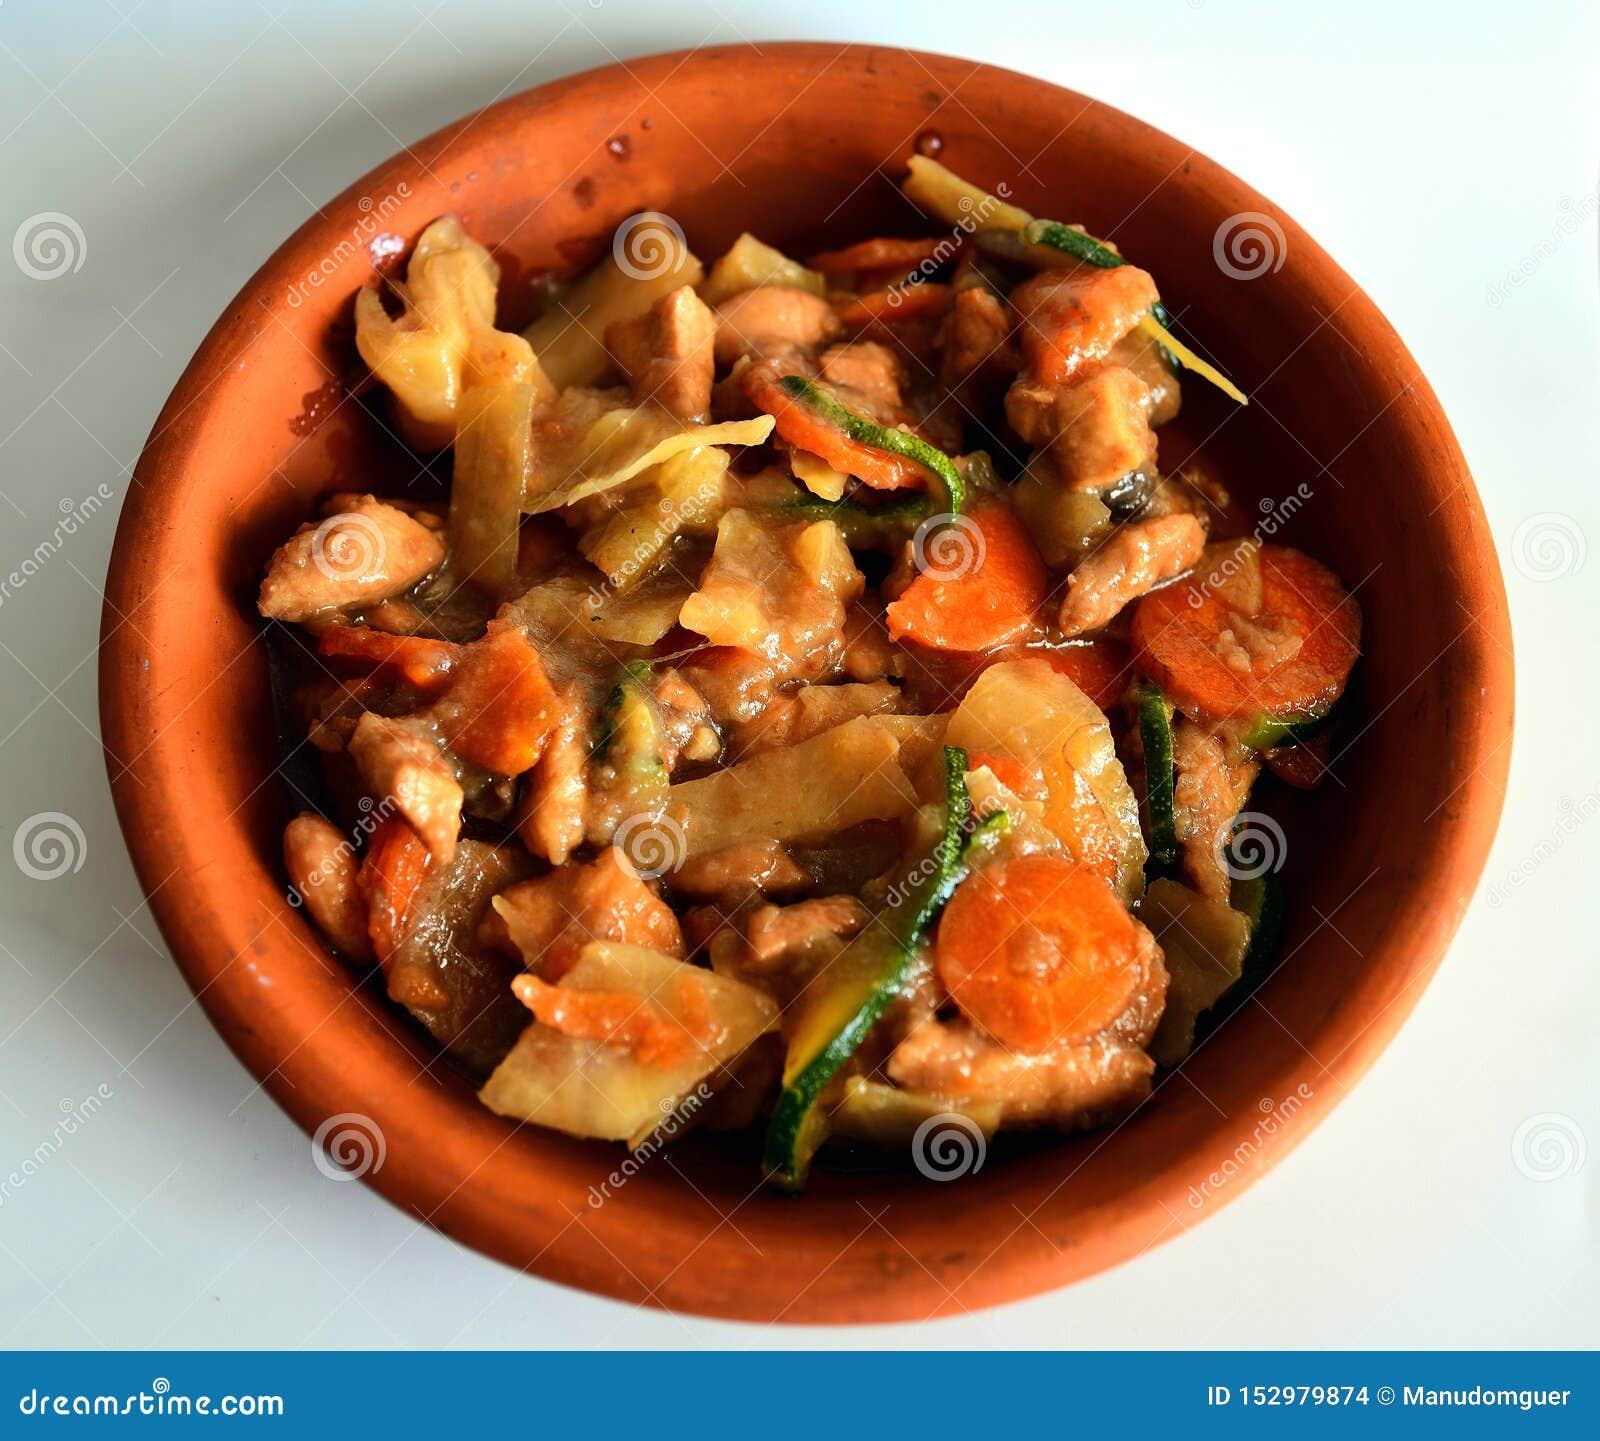 Chicken Casserole. Mixed Asian food.